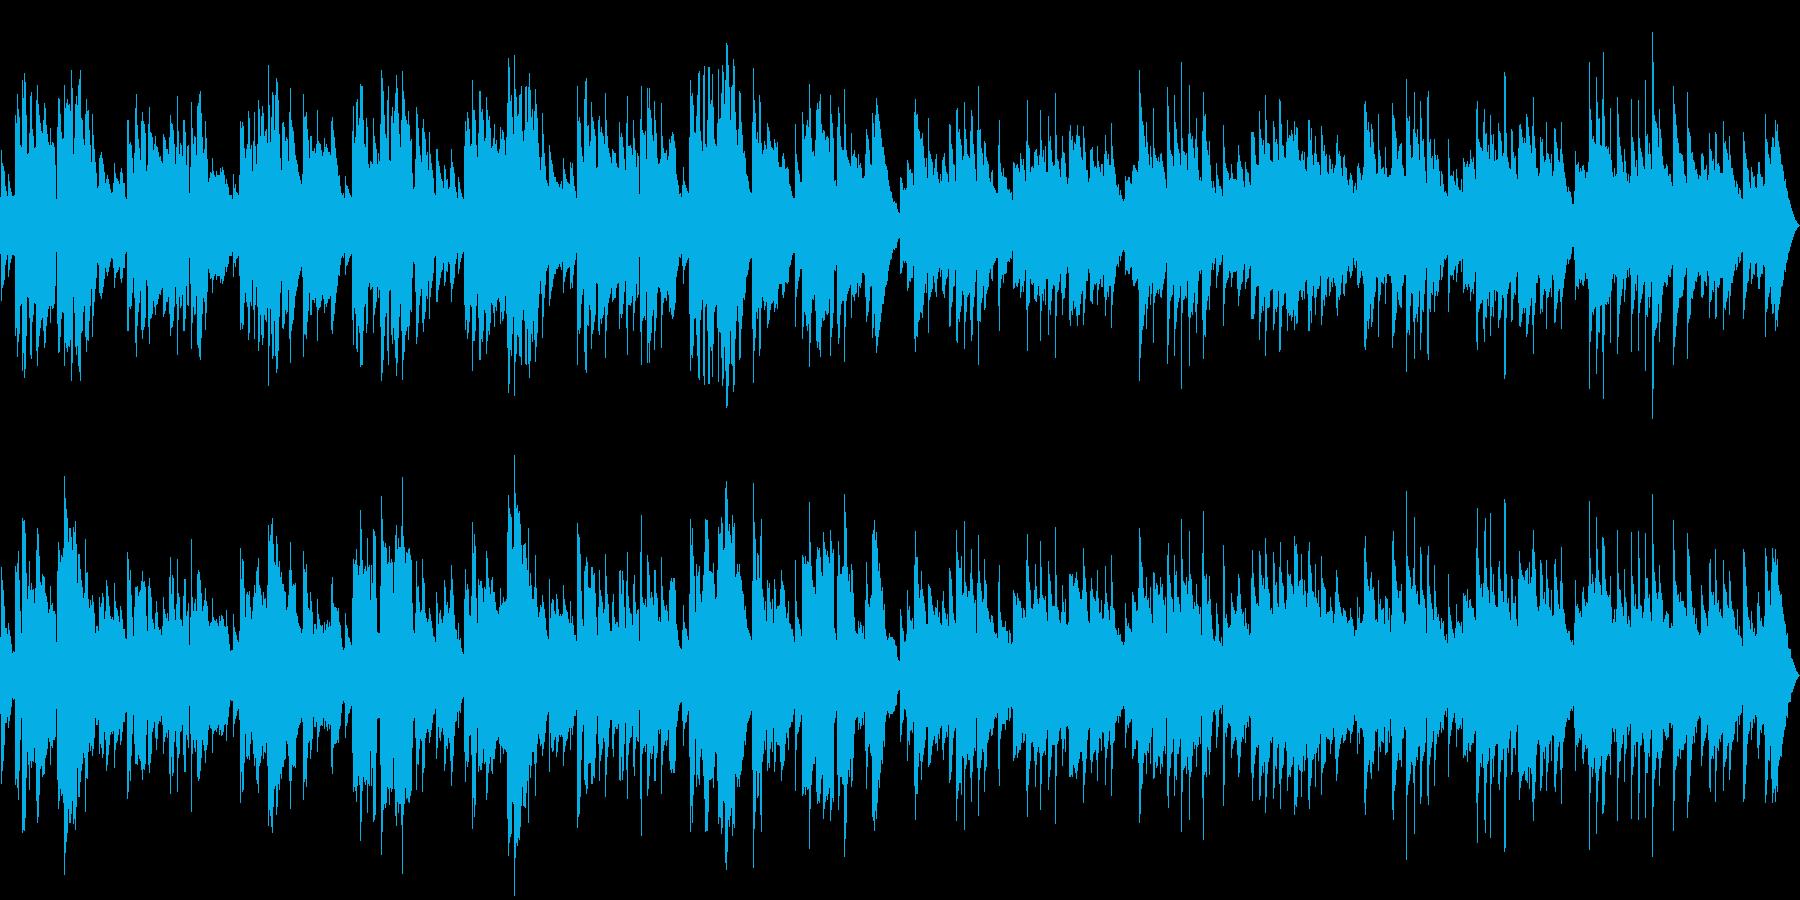 素朴でやすらぐギターとリコーダーのBGMの再生済みの波形